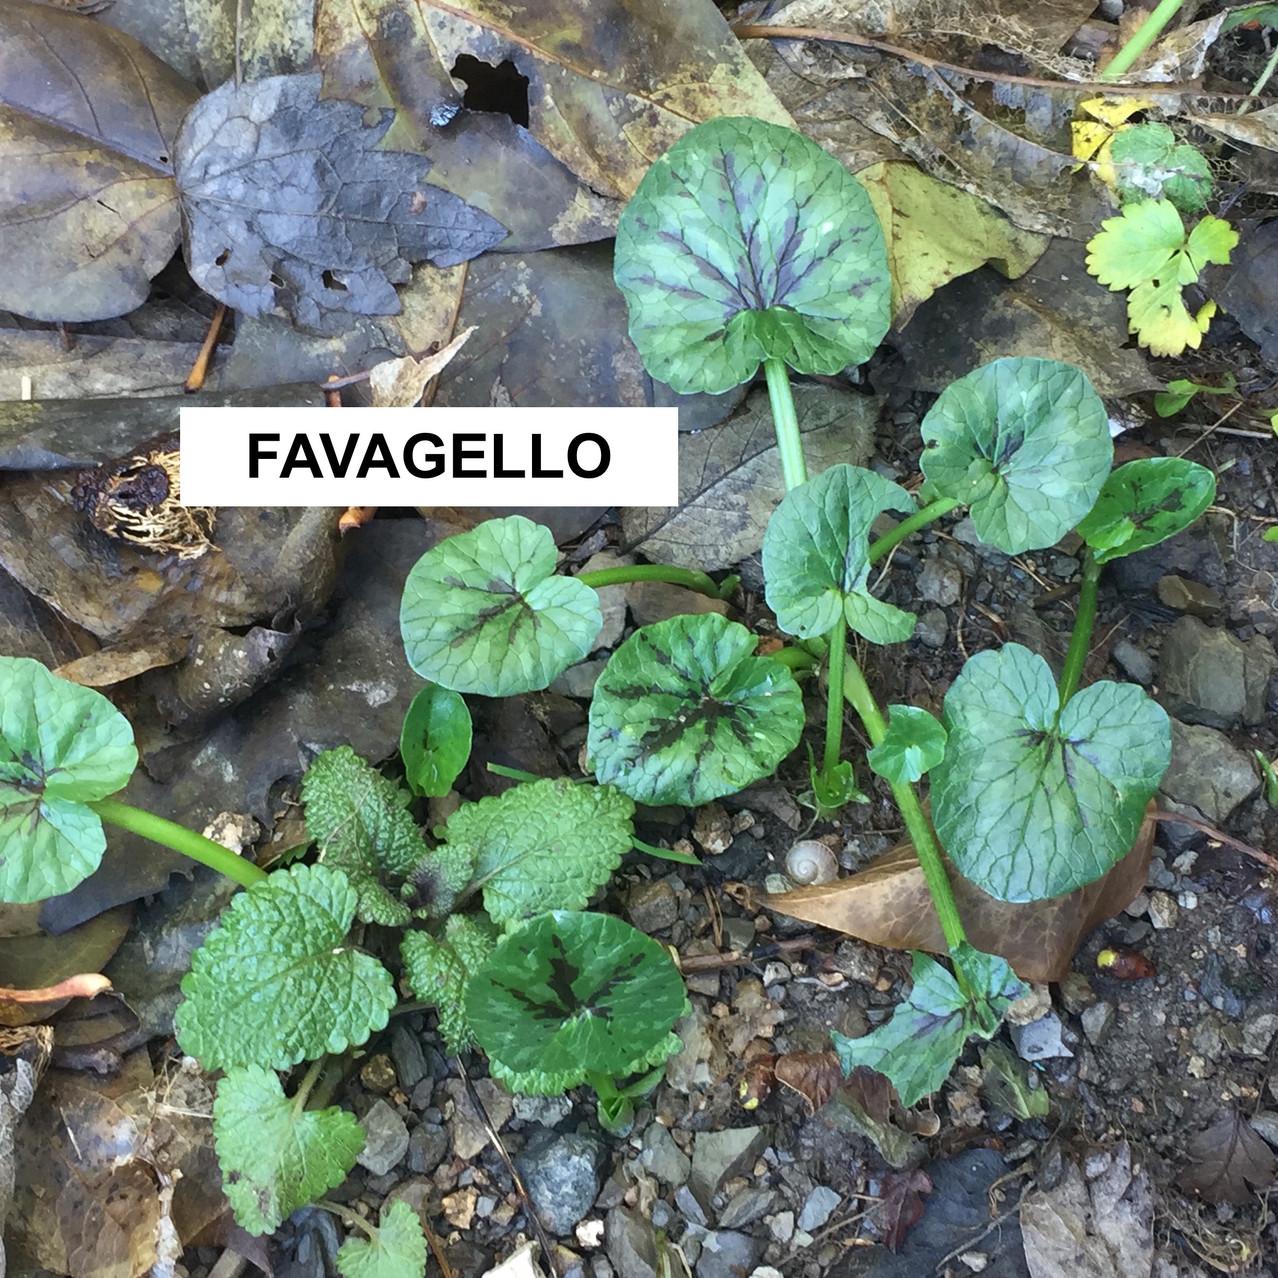 FAVAGELLO